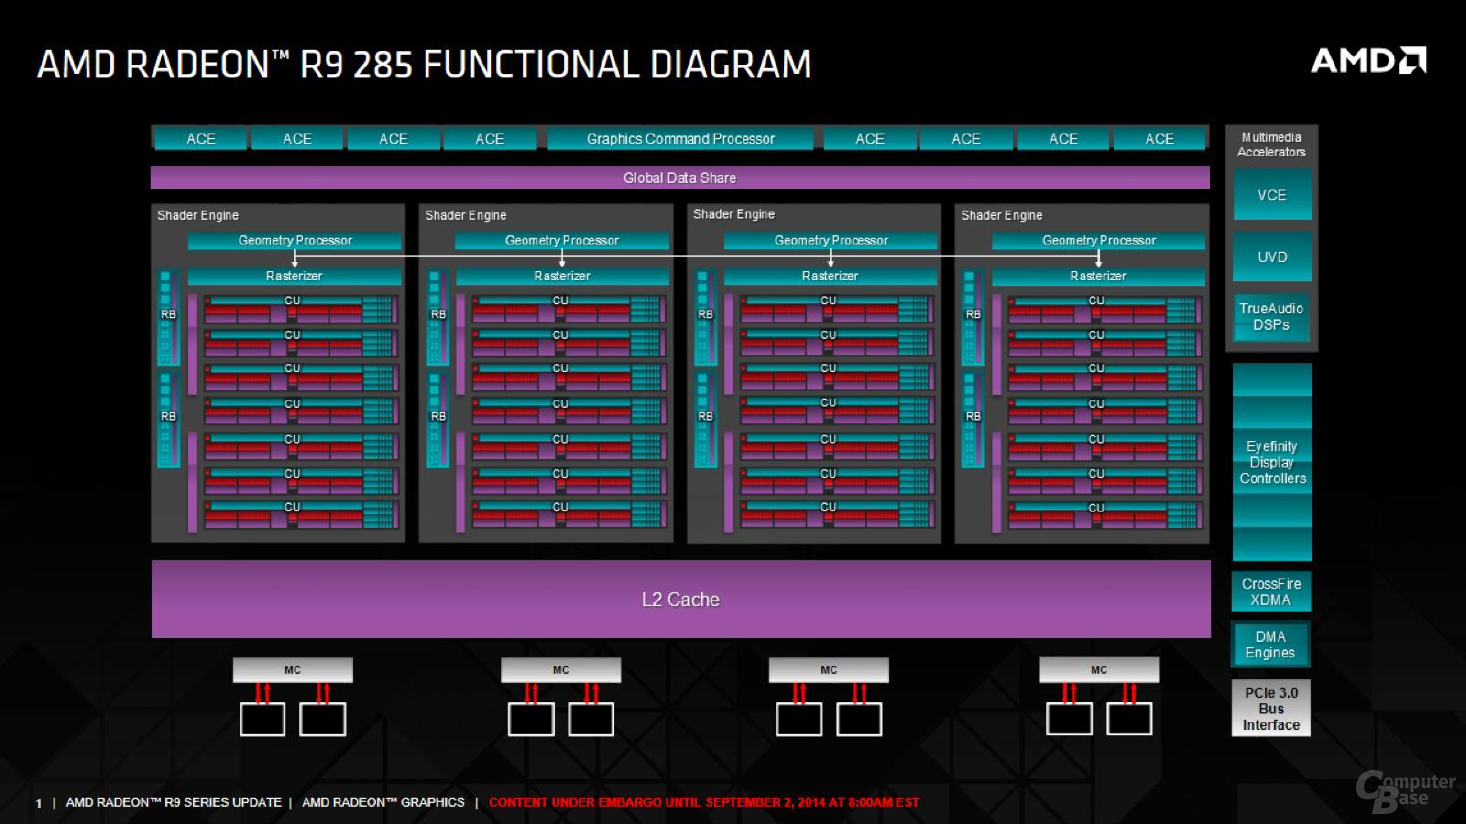 AMD Tonga - R9 285